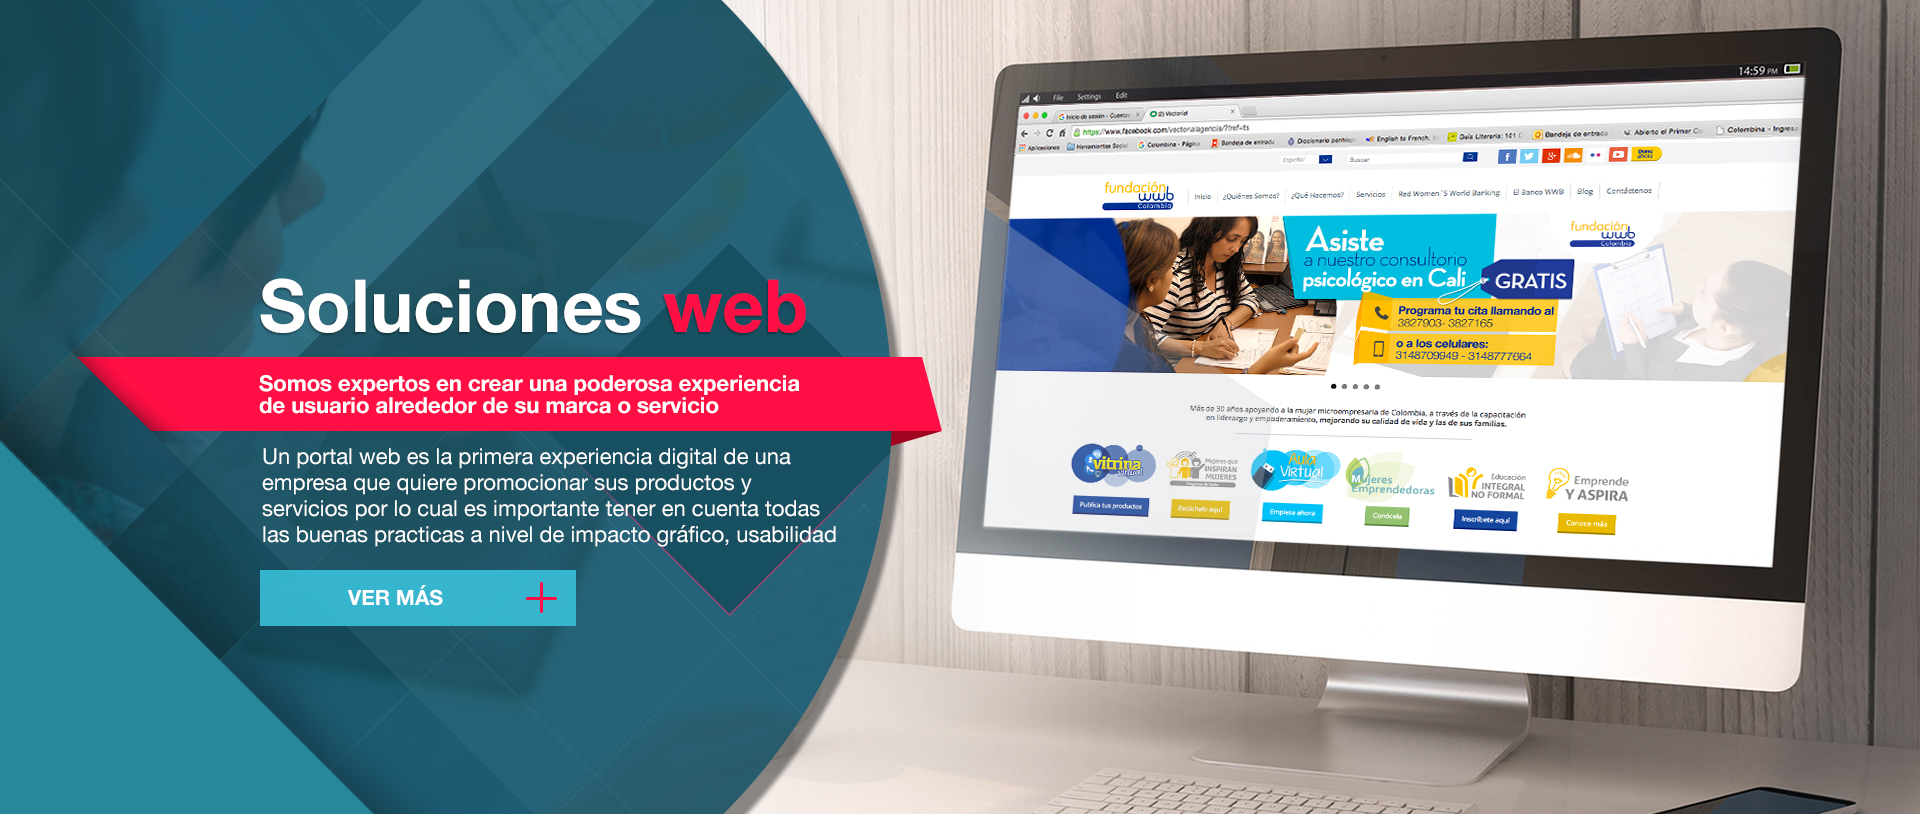 Soluciones-web